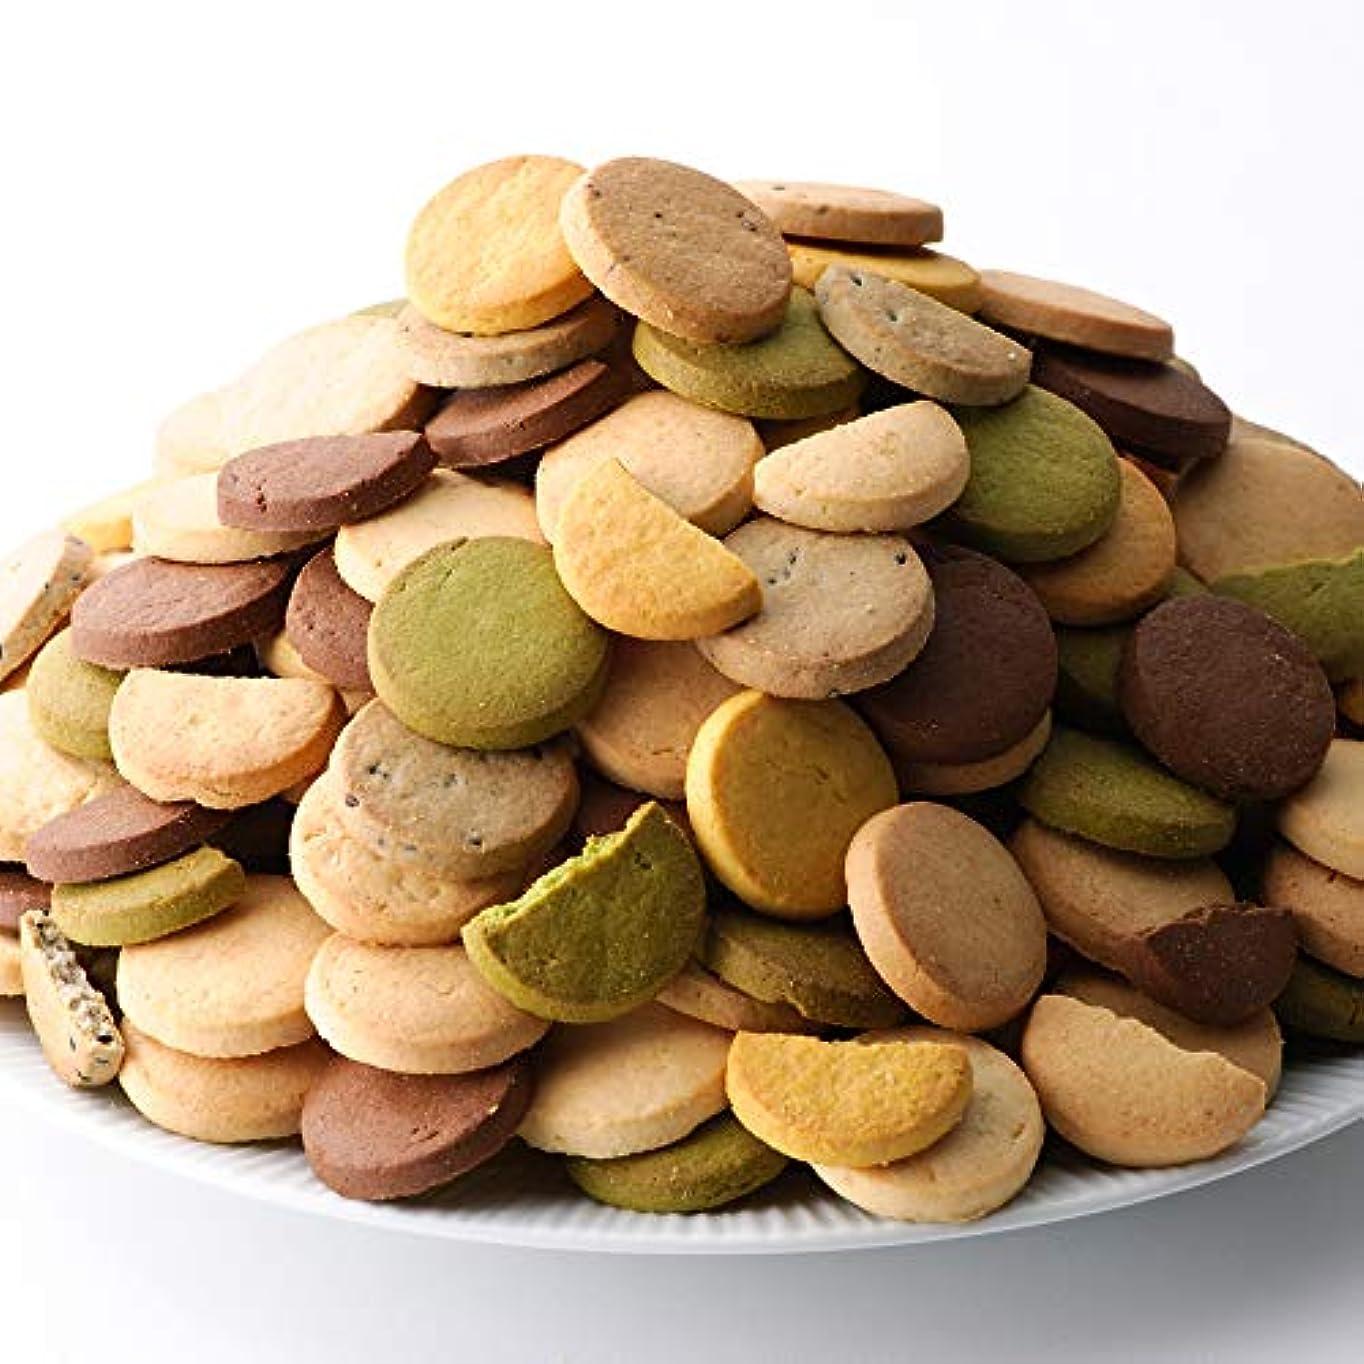 モッキンバード医薬品良心豆乳おからクッキー 1kg(200g×5袋)1枚約16kcal